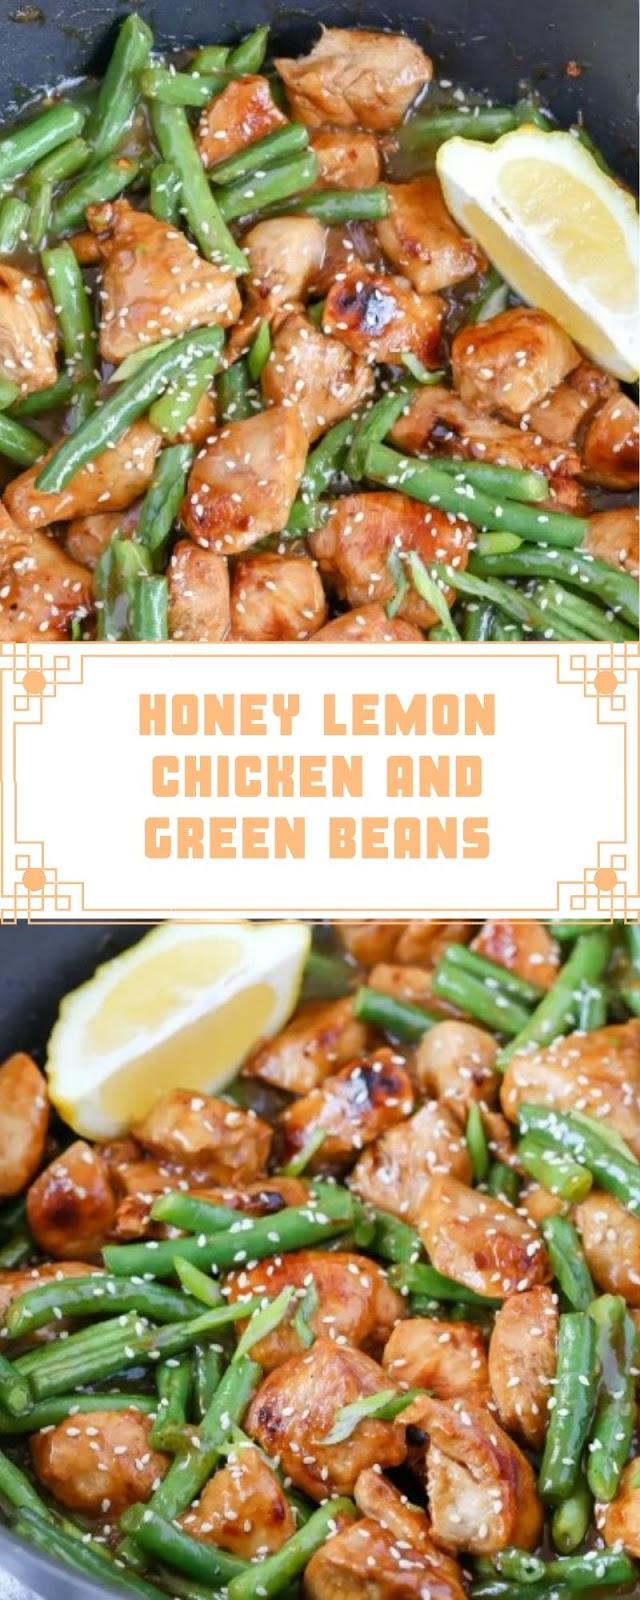 HONEY LEMON CHICKEN AND GREEN BEANS